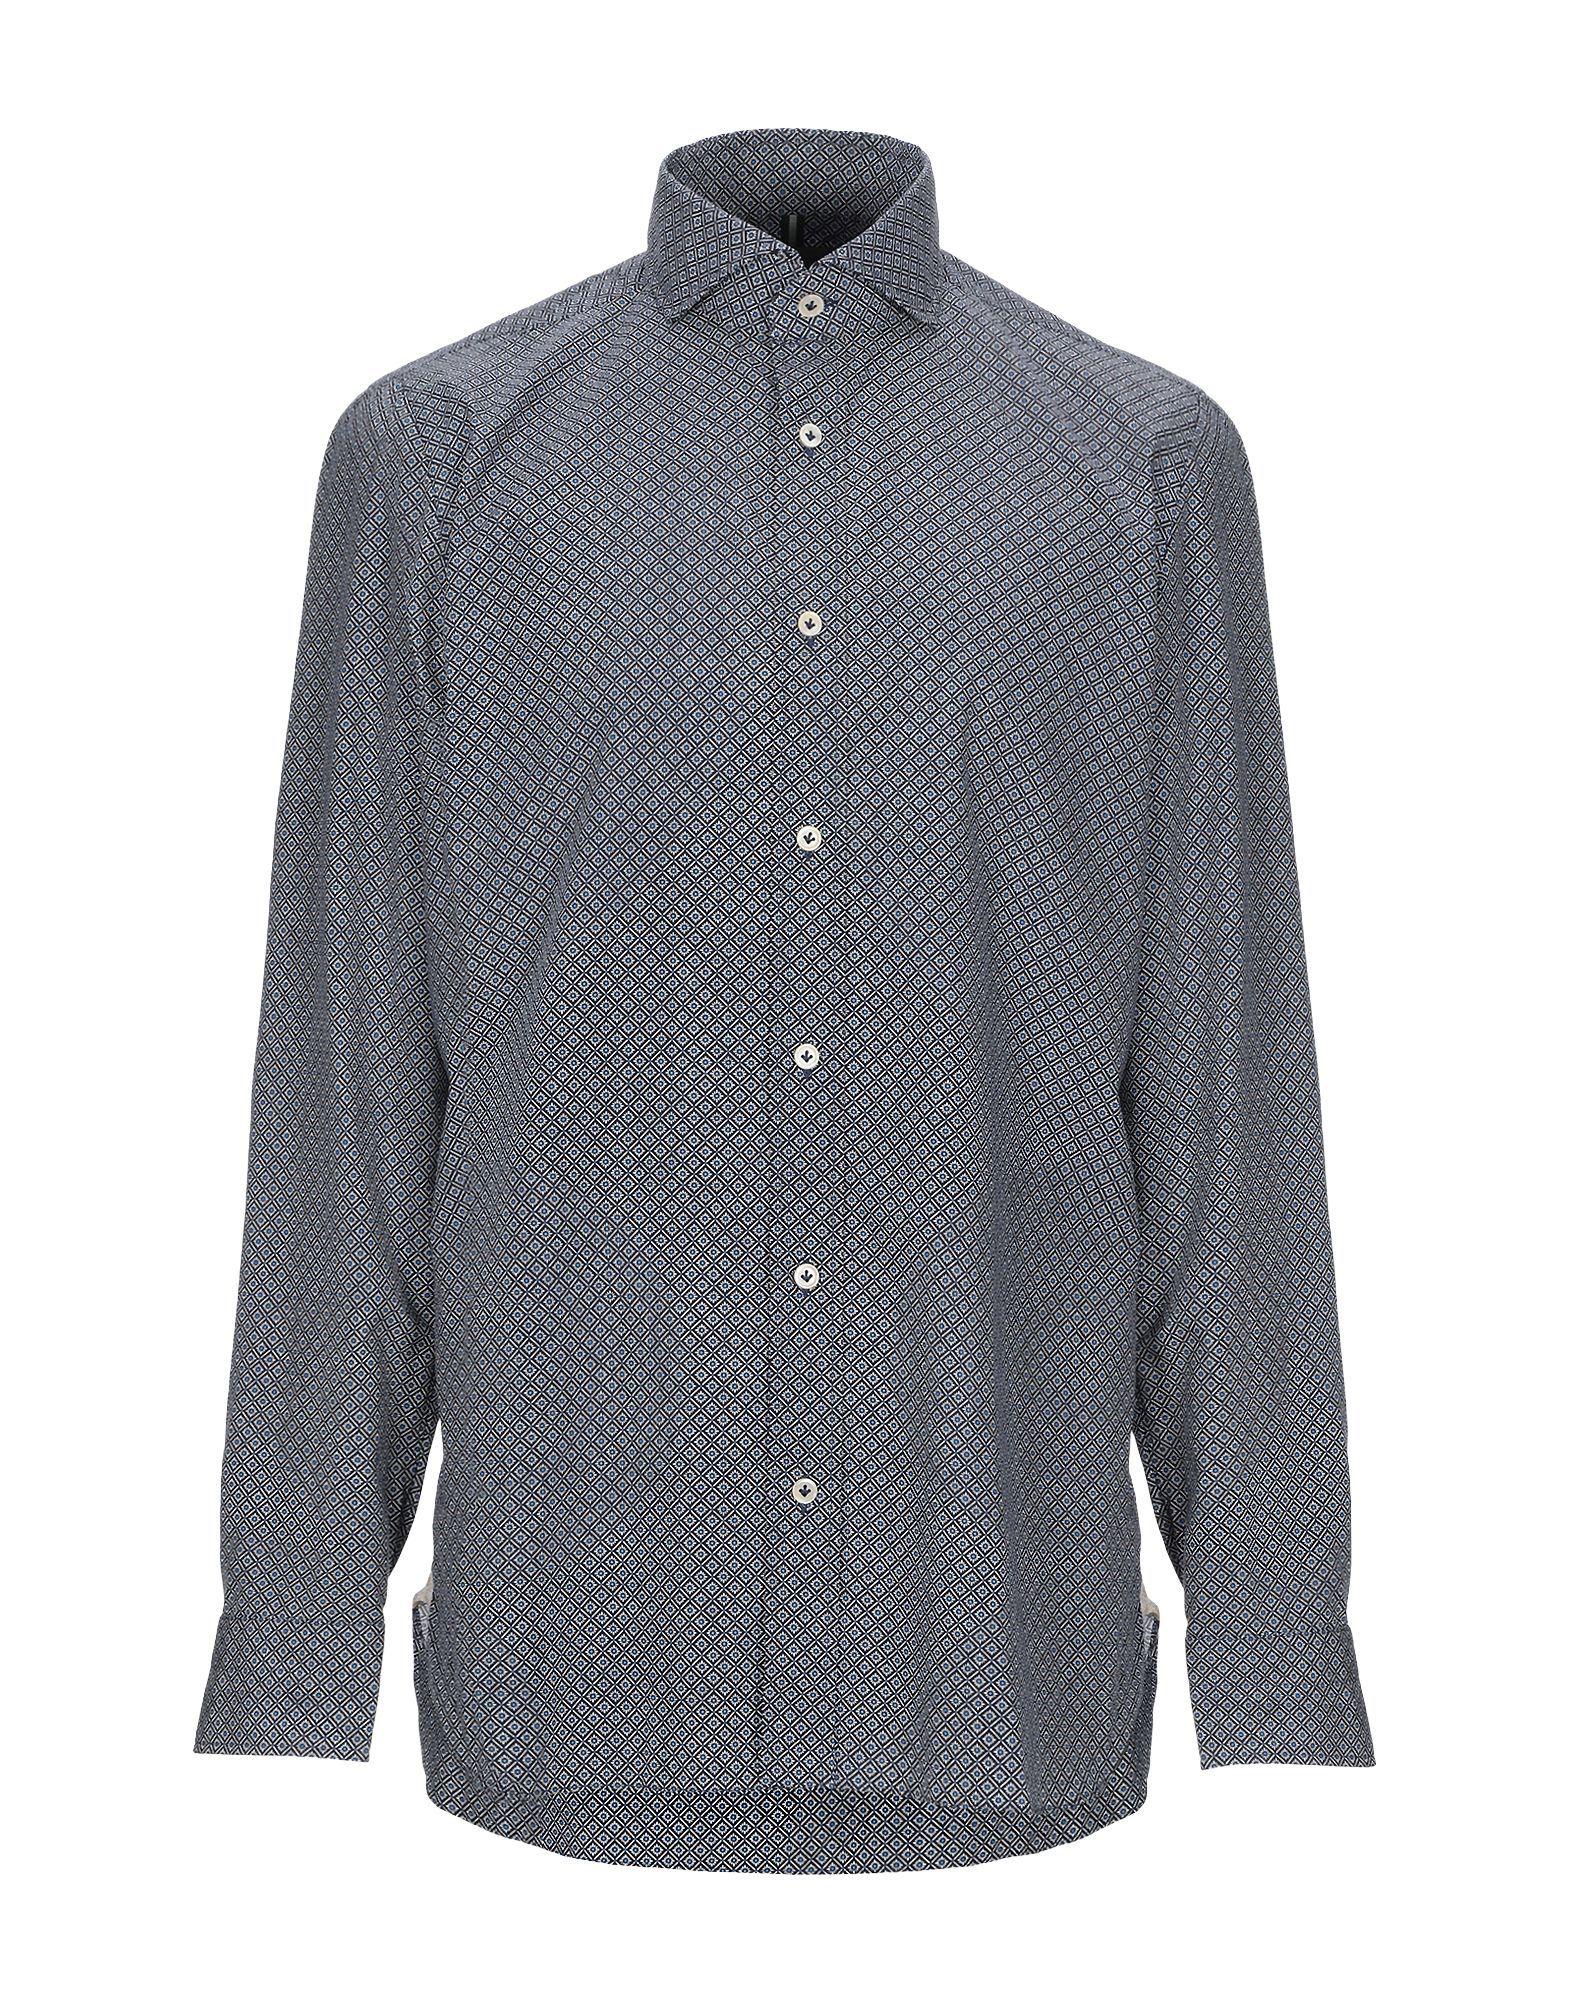 Luigi Borrelli Napoli Blue Cotton Shirt